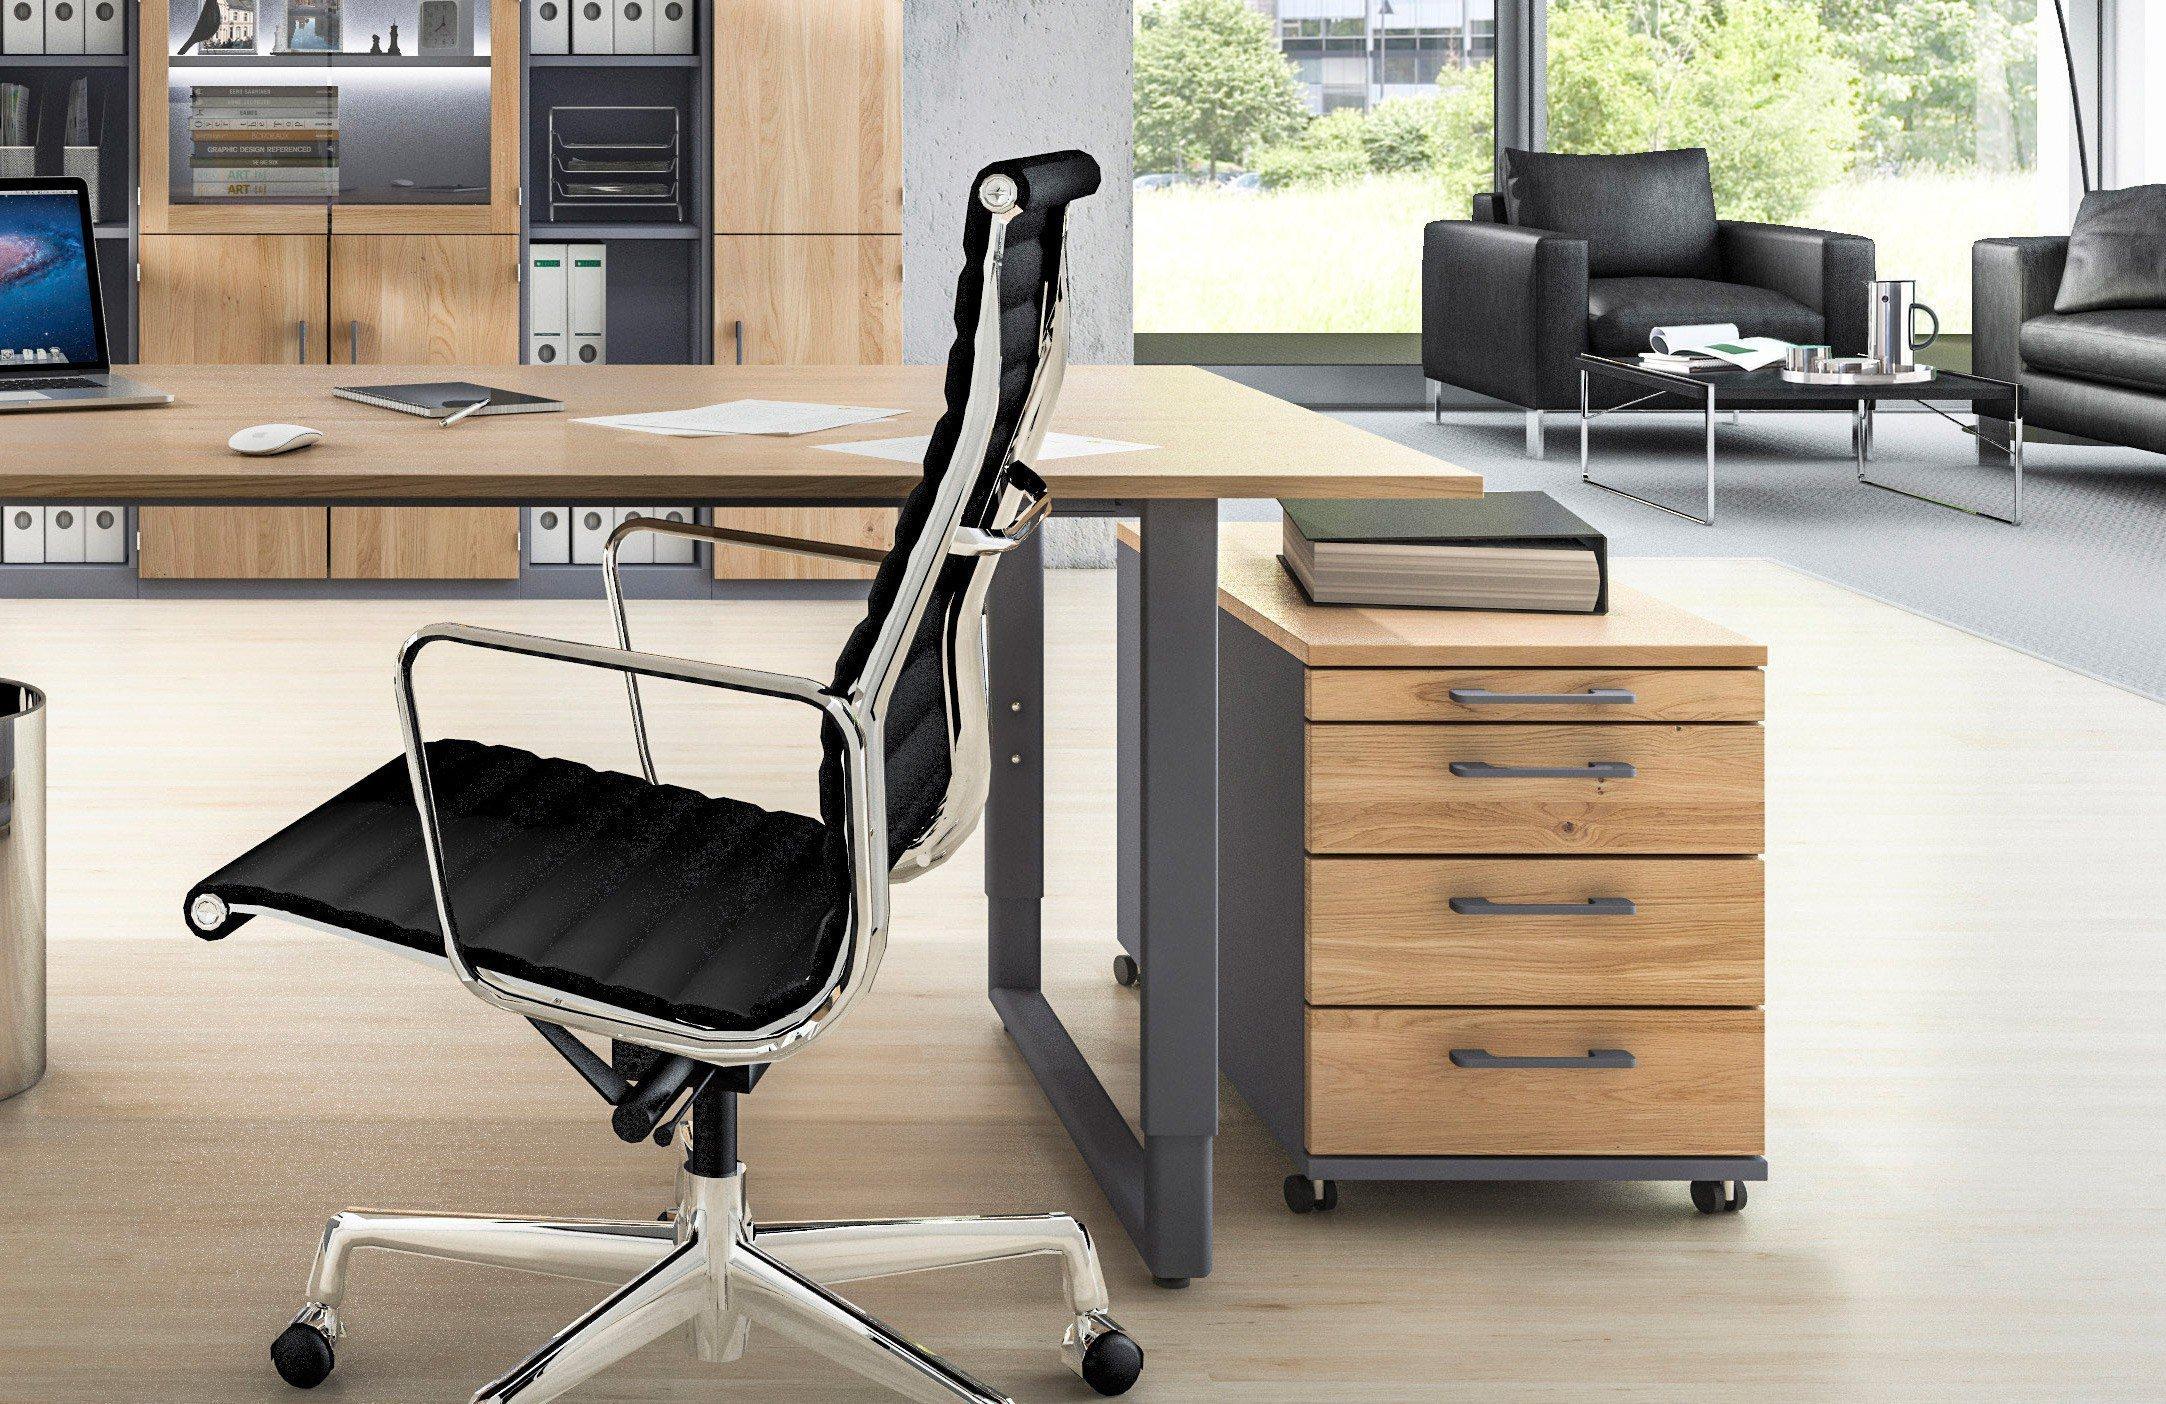 Röhr objekt.pur Schreibtisch Eiche/Metall | Möbel Letz - Ihr Online-Shop